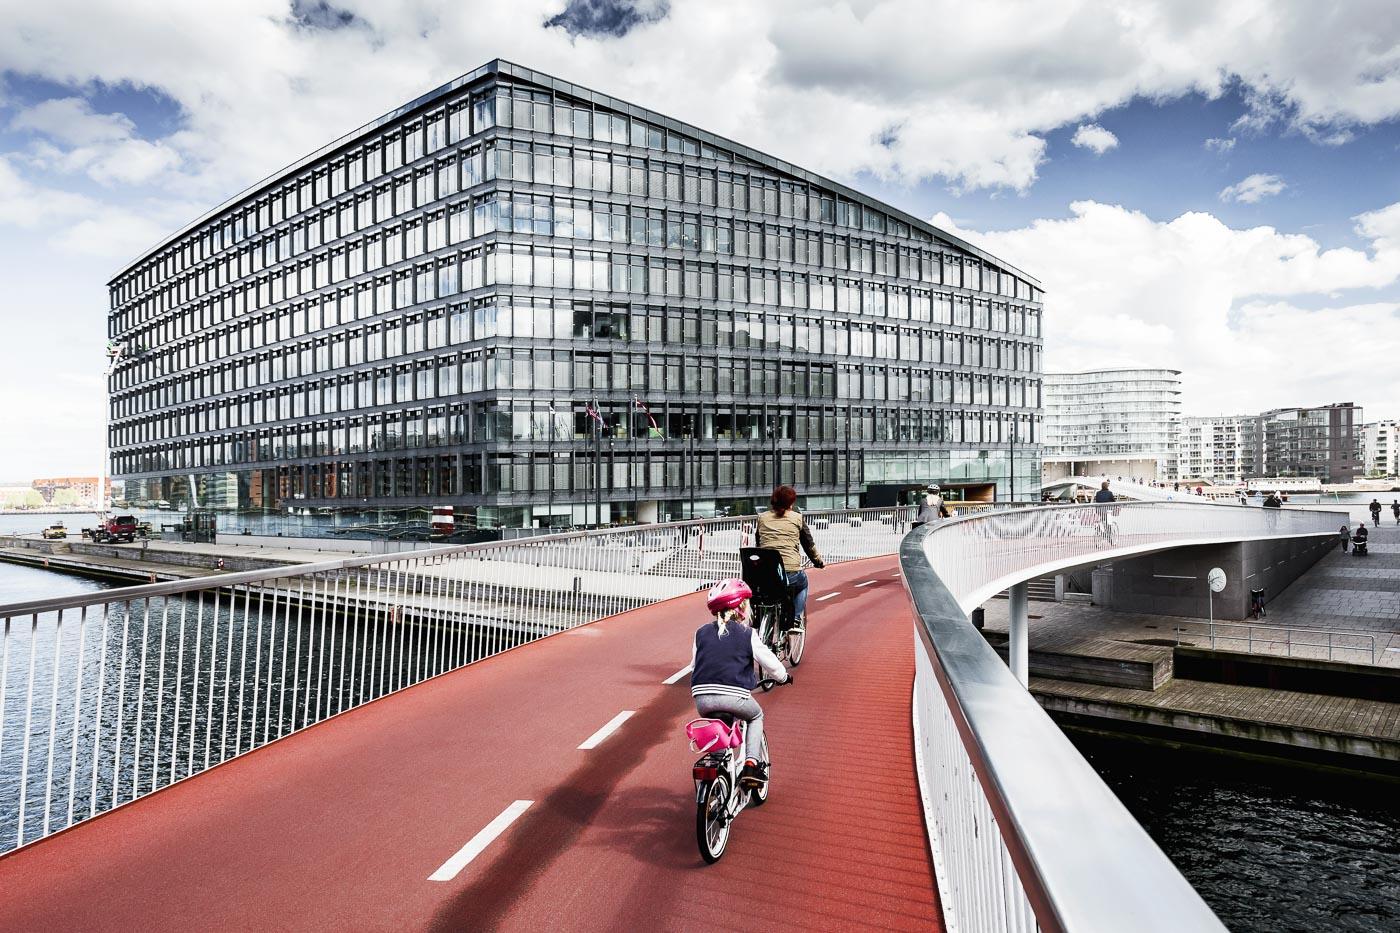 Kopenhagen Cykelslangen